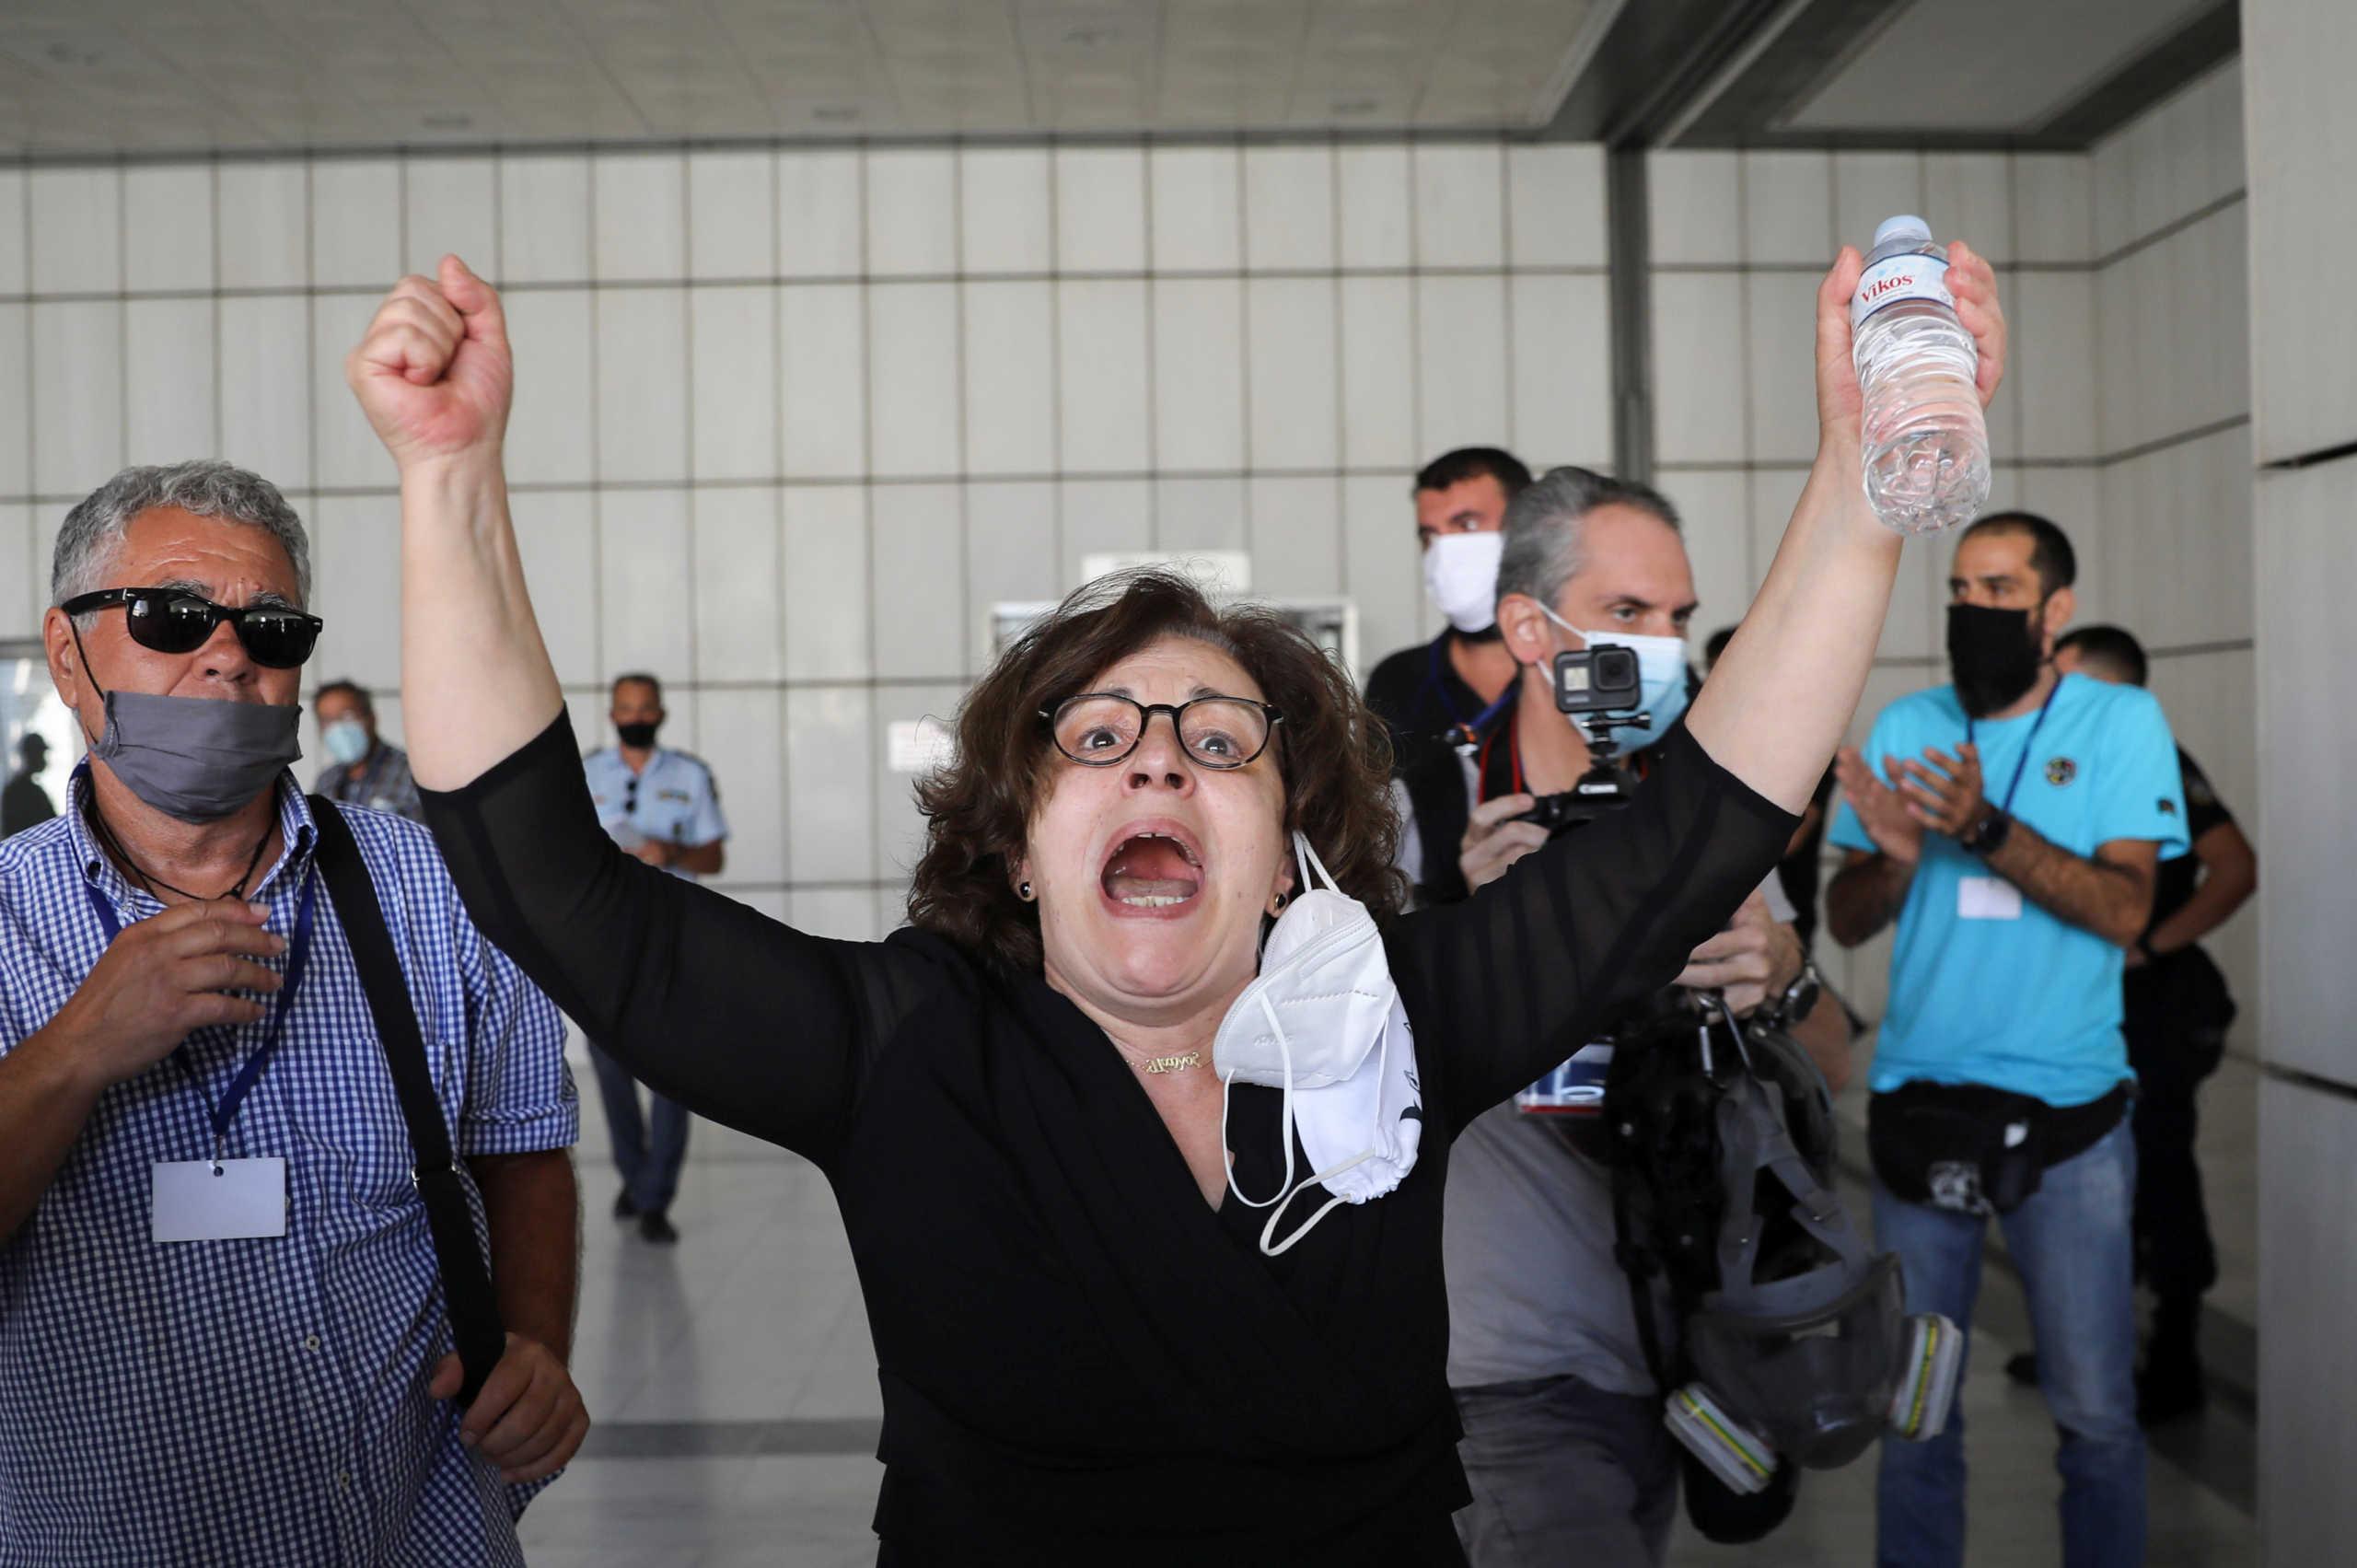 Αποθέωση στην Μάγδα Φύσσα: «Γειά σου μάνα!» – «Παύλο, γιέ μου, τα κατάφερες!» Το ξέσπασμα μετά την απόφαση